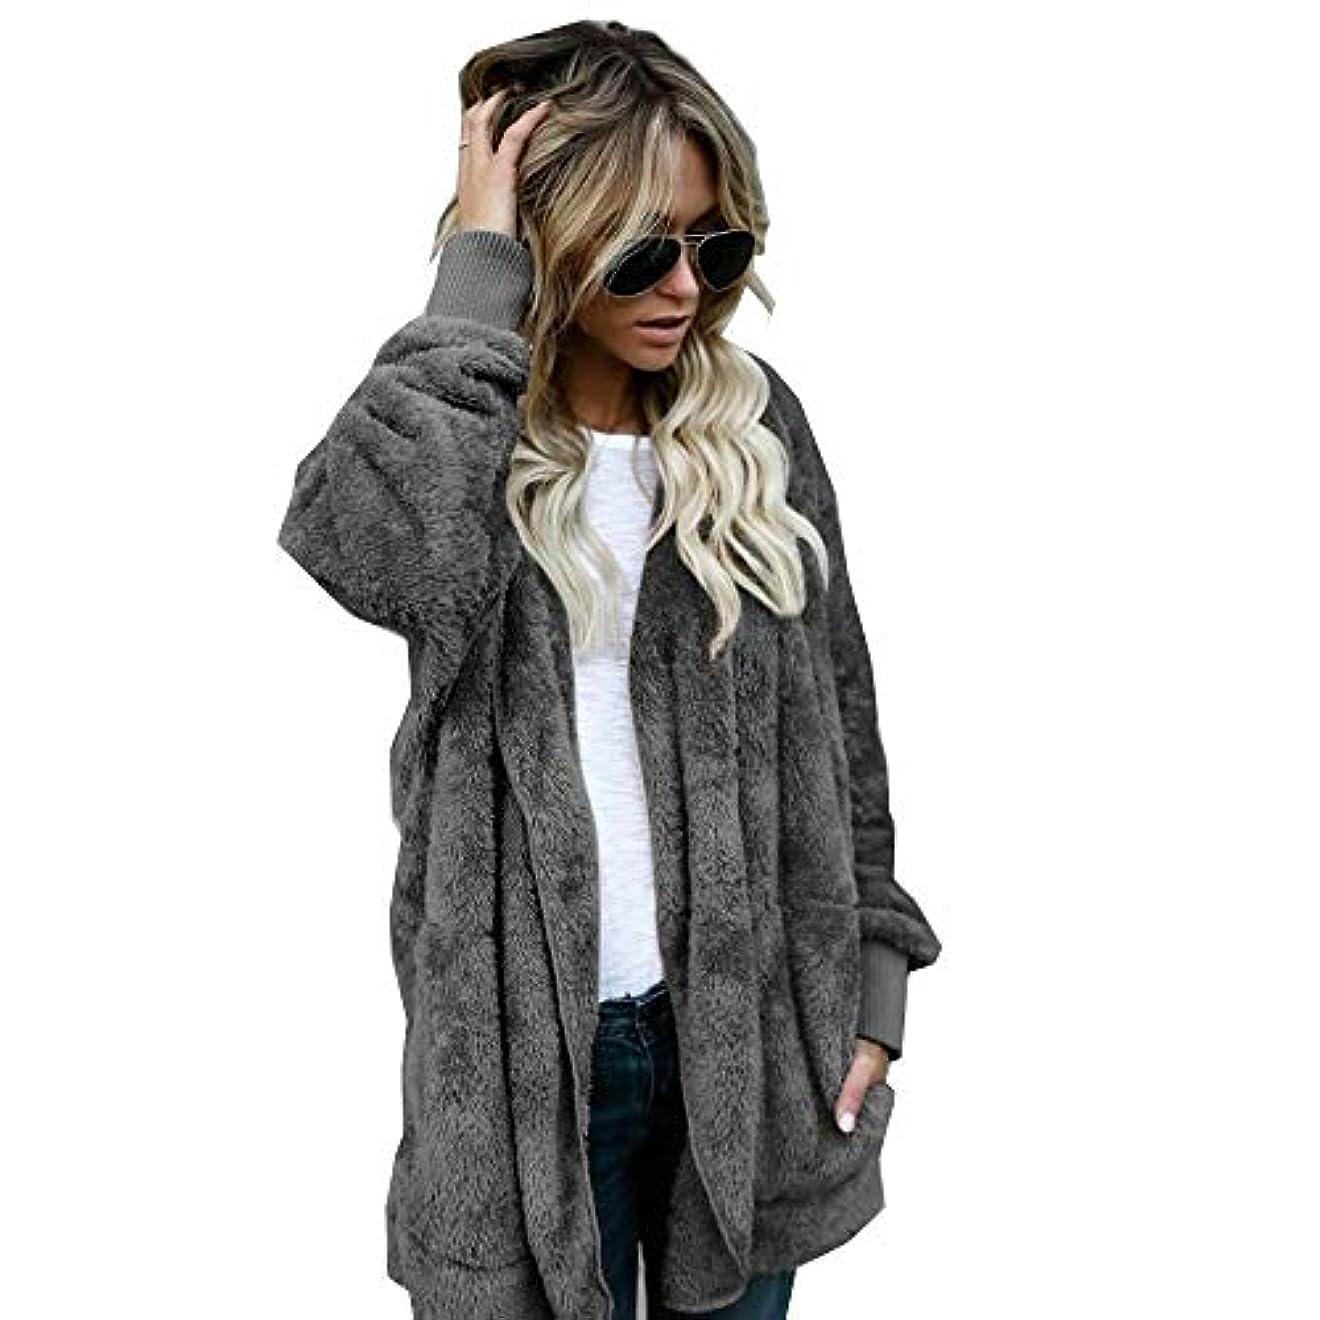 話す長椅子打ち上げるMIFAN 長袖パーカー、冬のコート、女性のコート、女性の緩い厚く暖かいフェイクファーフード付きカーディガン